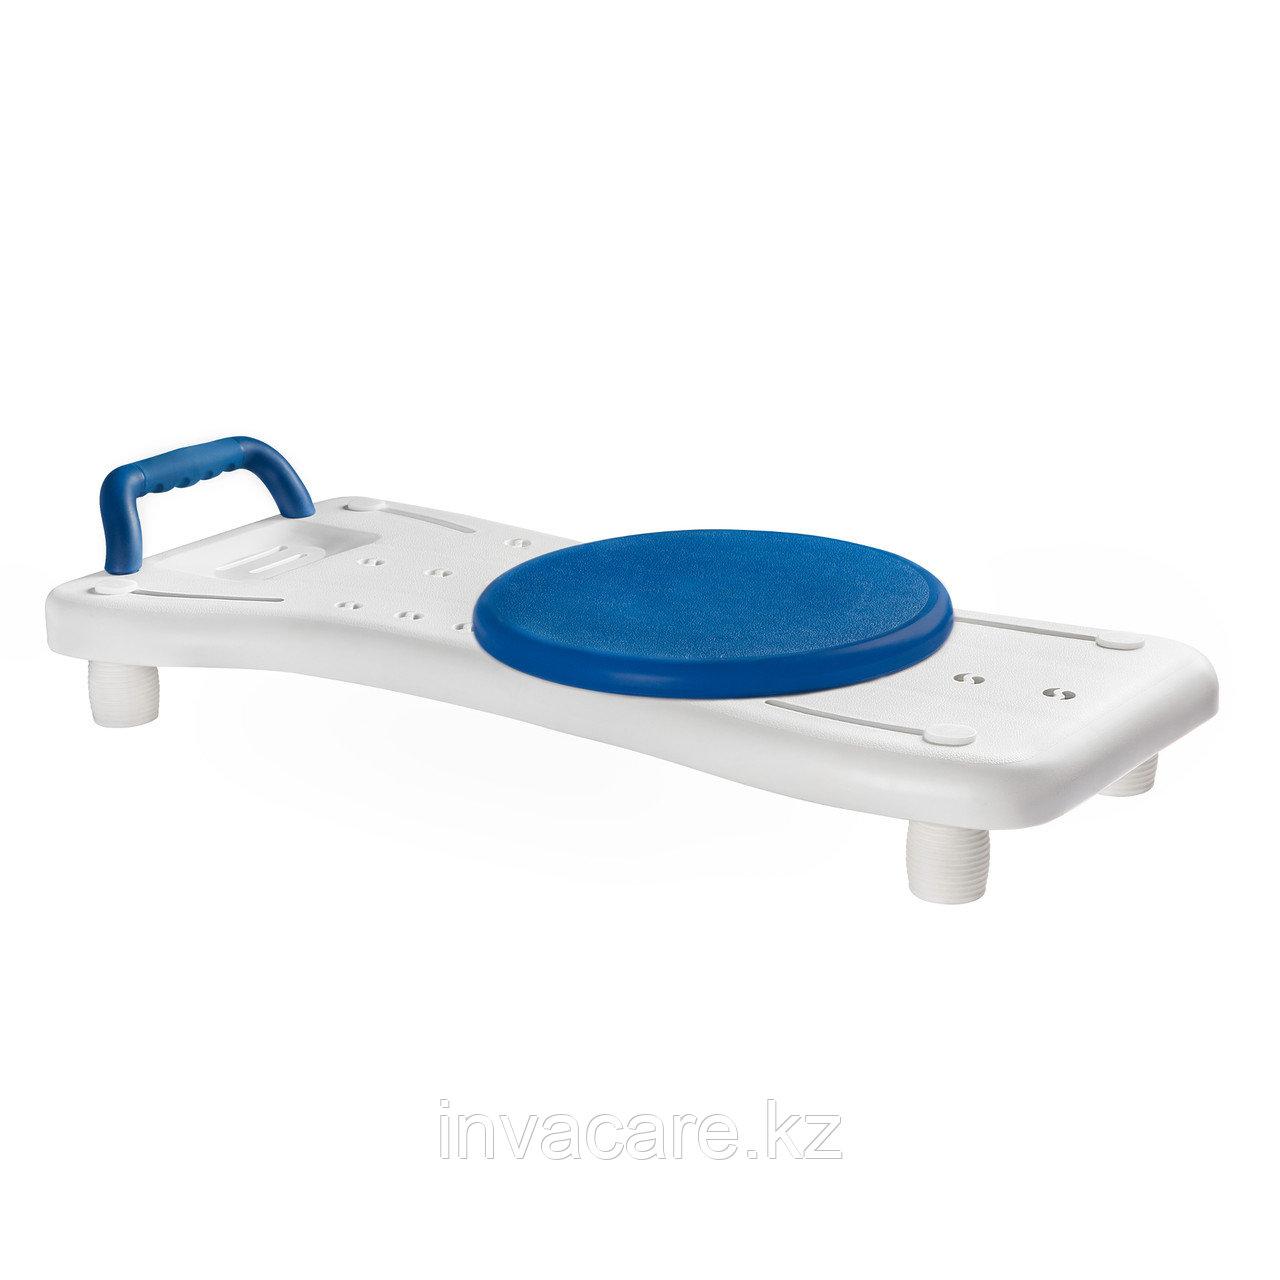 """Сиденье для ванны """"Ortonica"""" LUX 330 (Доска, поворотная)"""